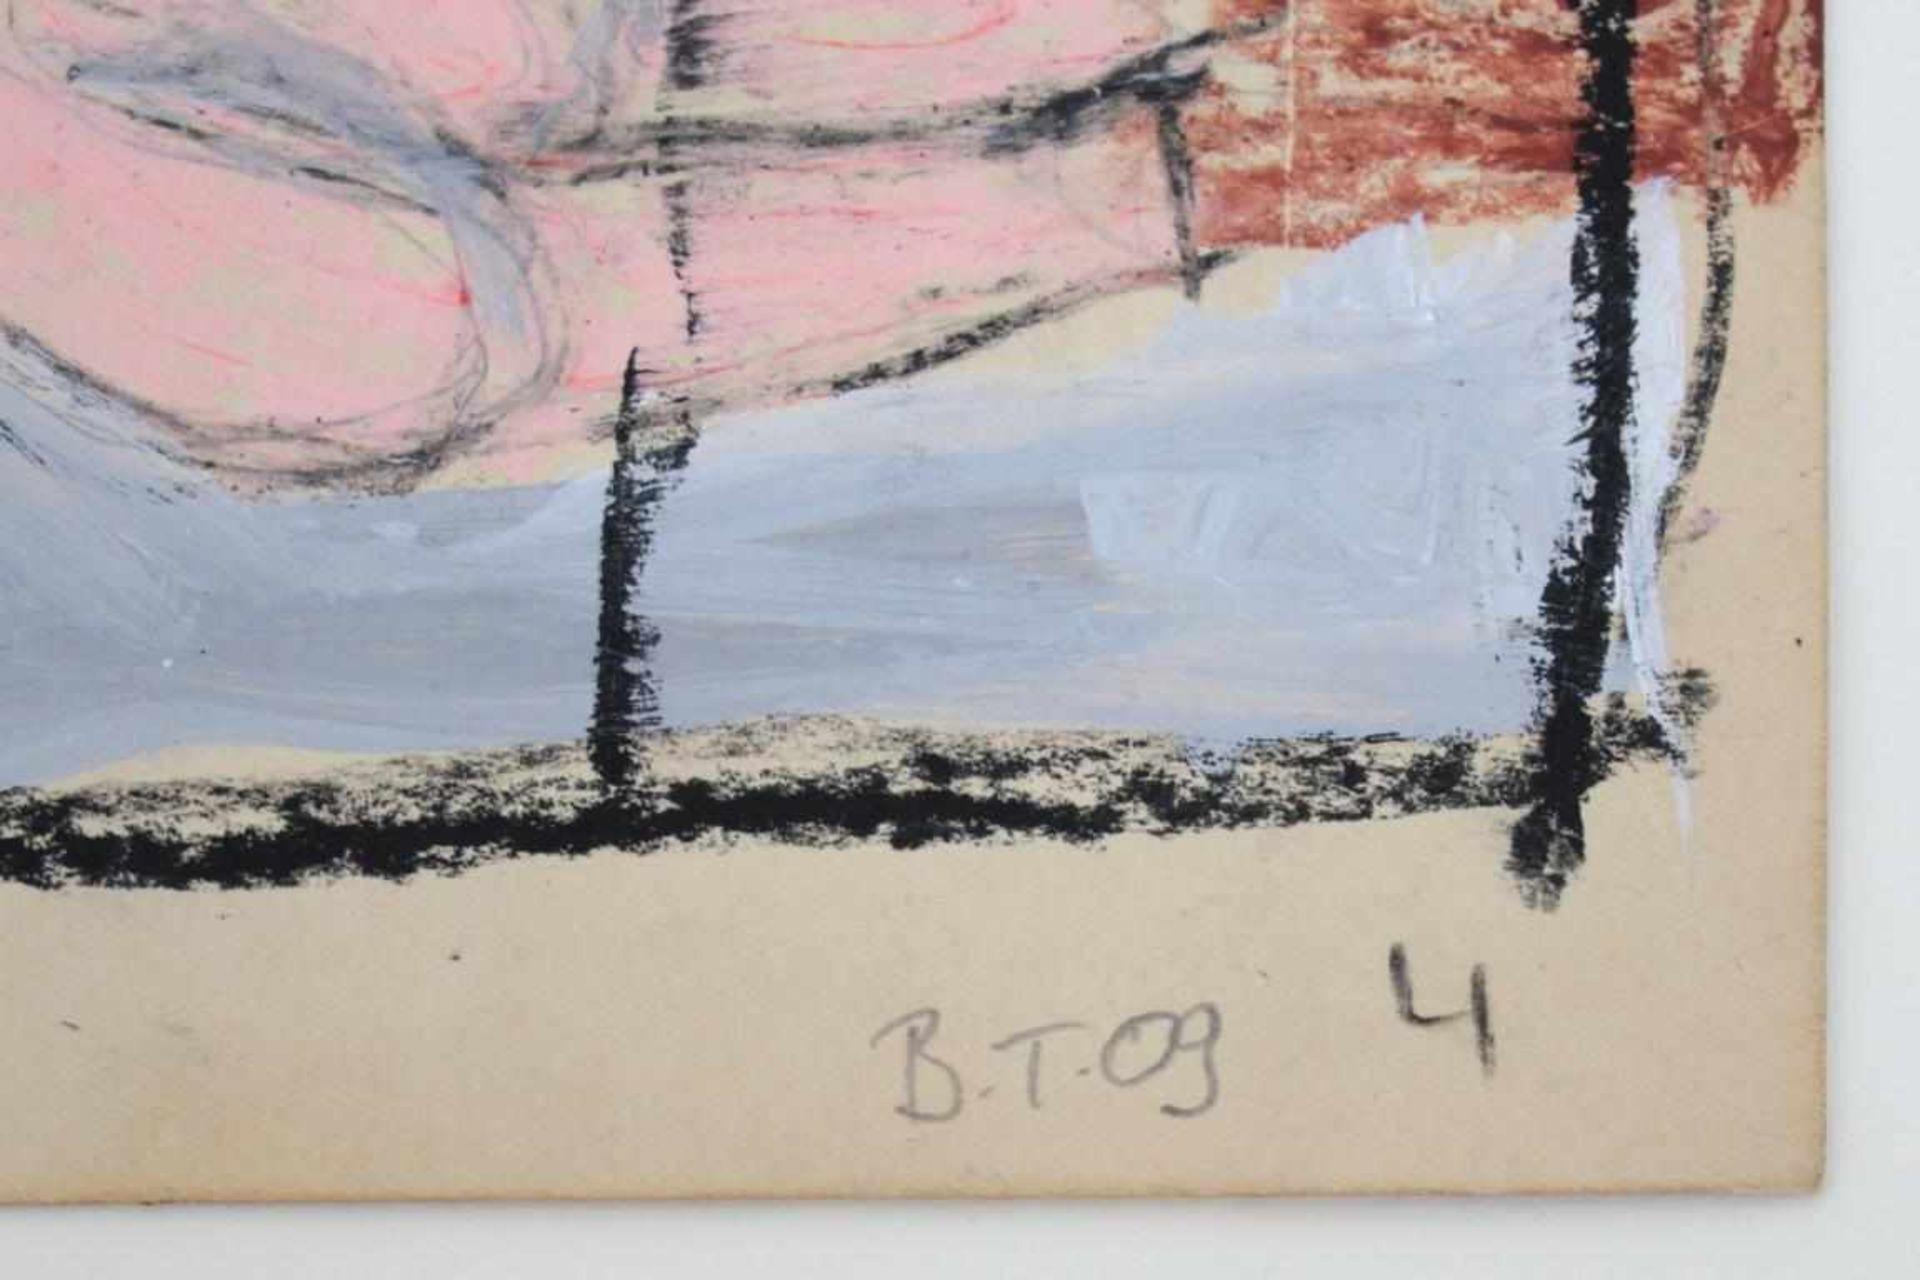 Los 56 - Thanner Billi (geb. 1972) Akt 2009 Mischtechnik auf Karton handsigniert, gerahmt 24 x 19 cm